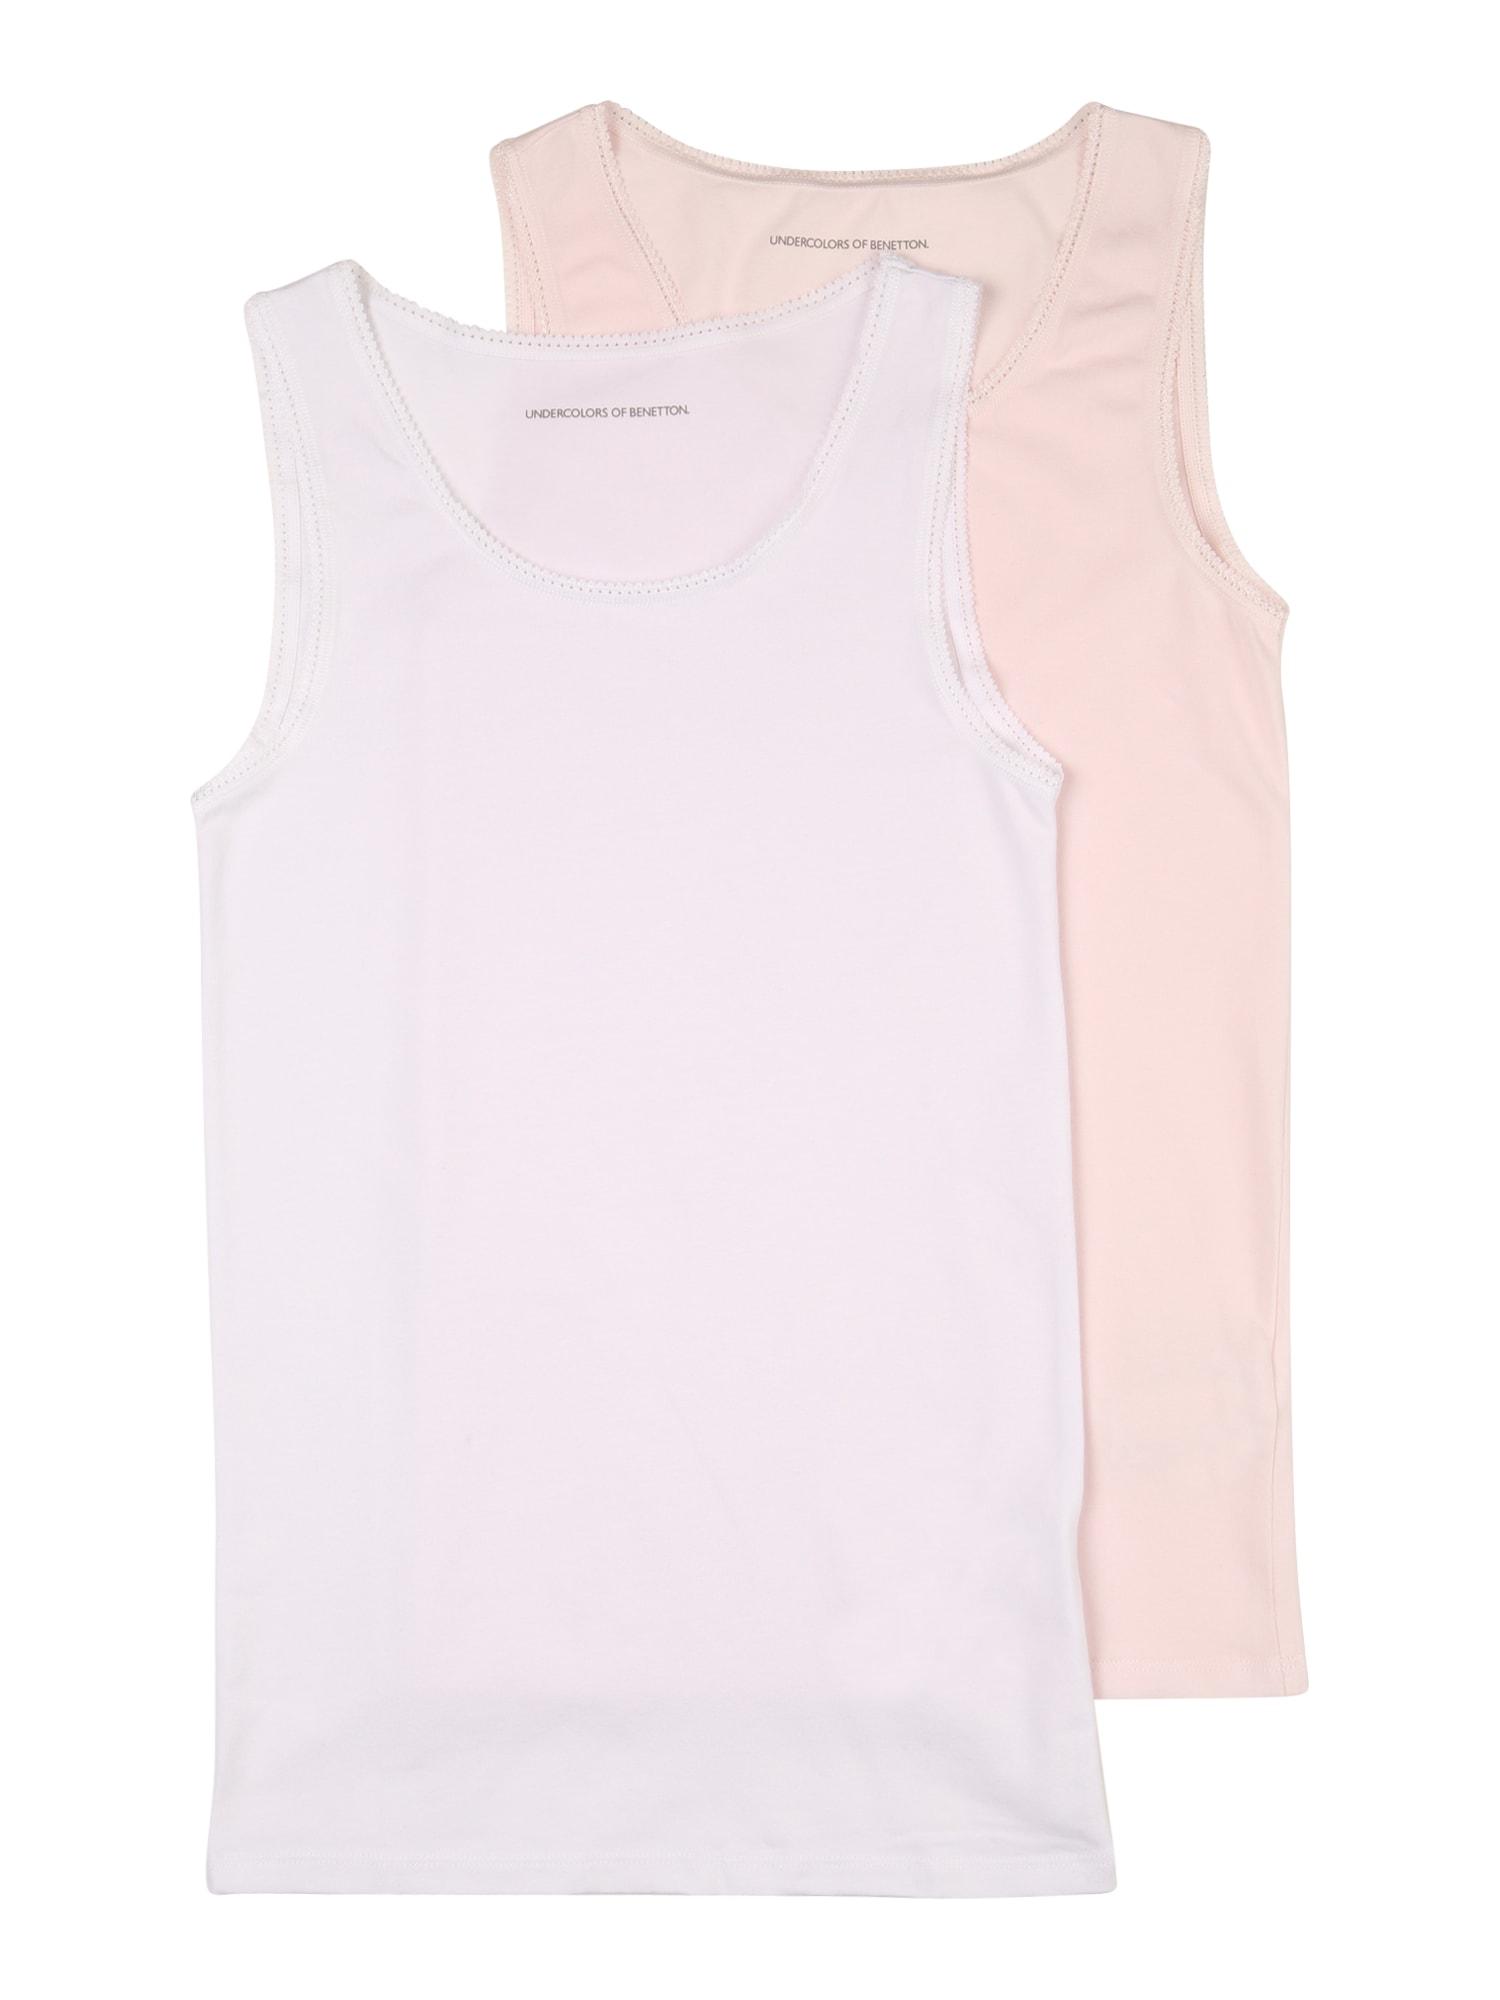 UNITED COLORS OF BENETTON Apatiniai marškinėliai balta / rožių spalva